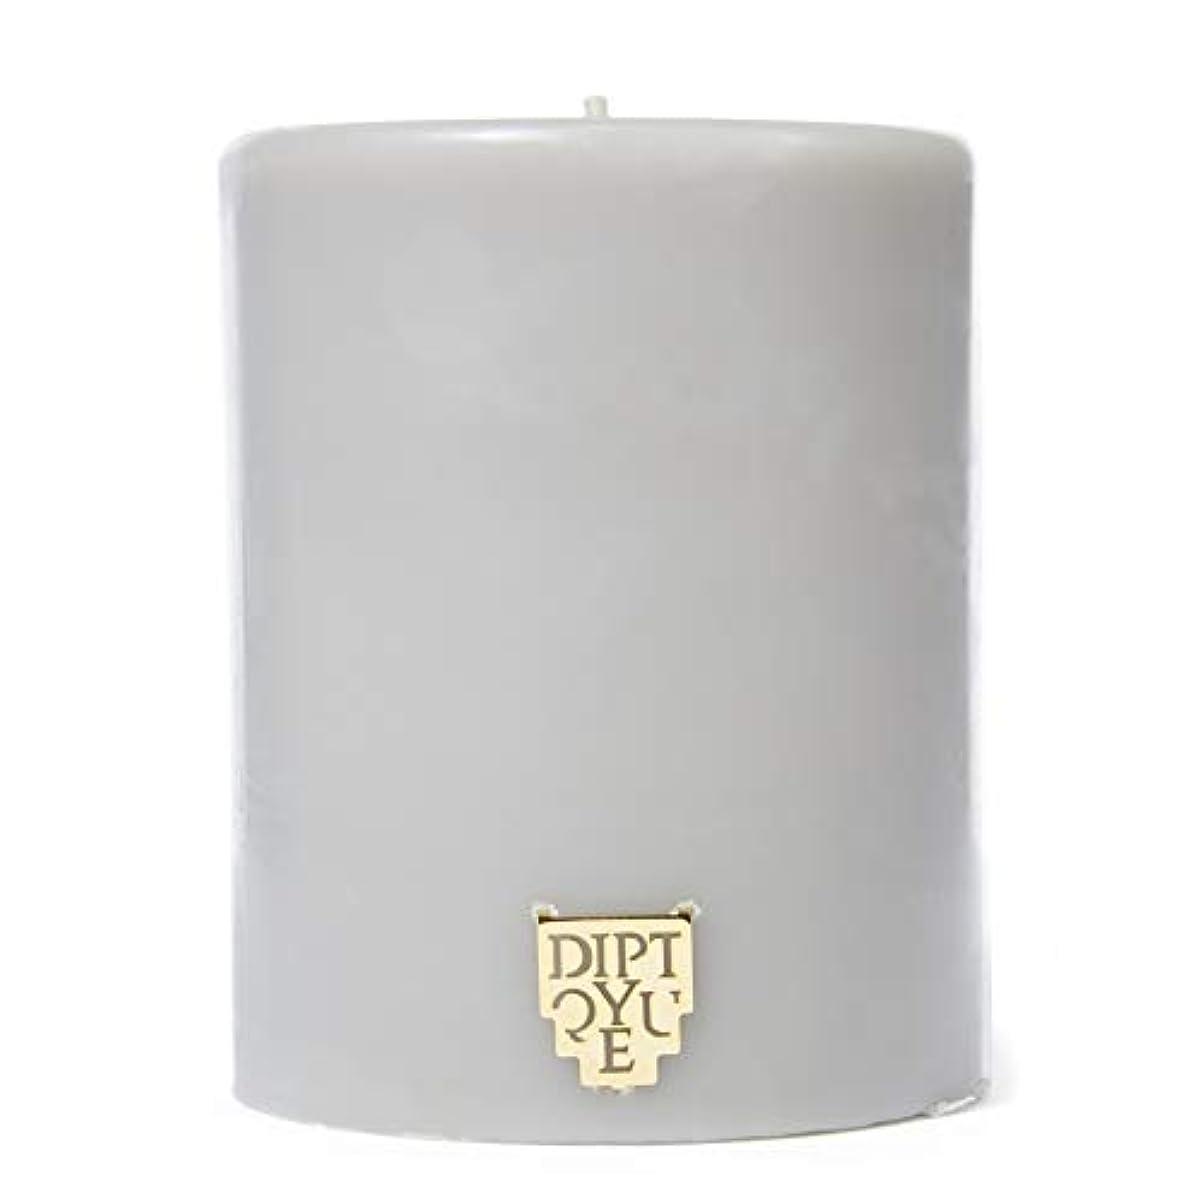 敗北オゾン個人的な[Diptyque] DiptyqueのFeuデボワピラーキャンドル450グラム - Diptyque Feu De Bois Pillar Candle 450g [並行輸入品]